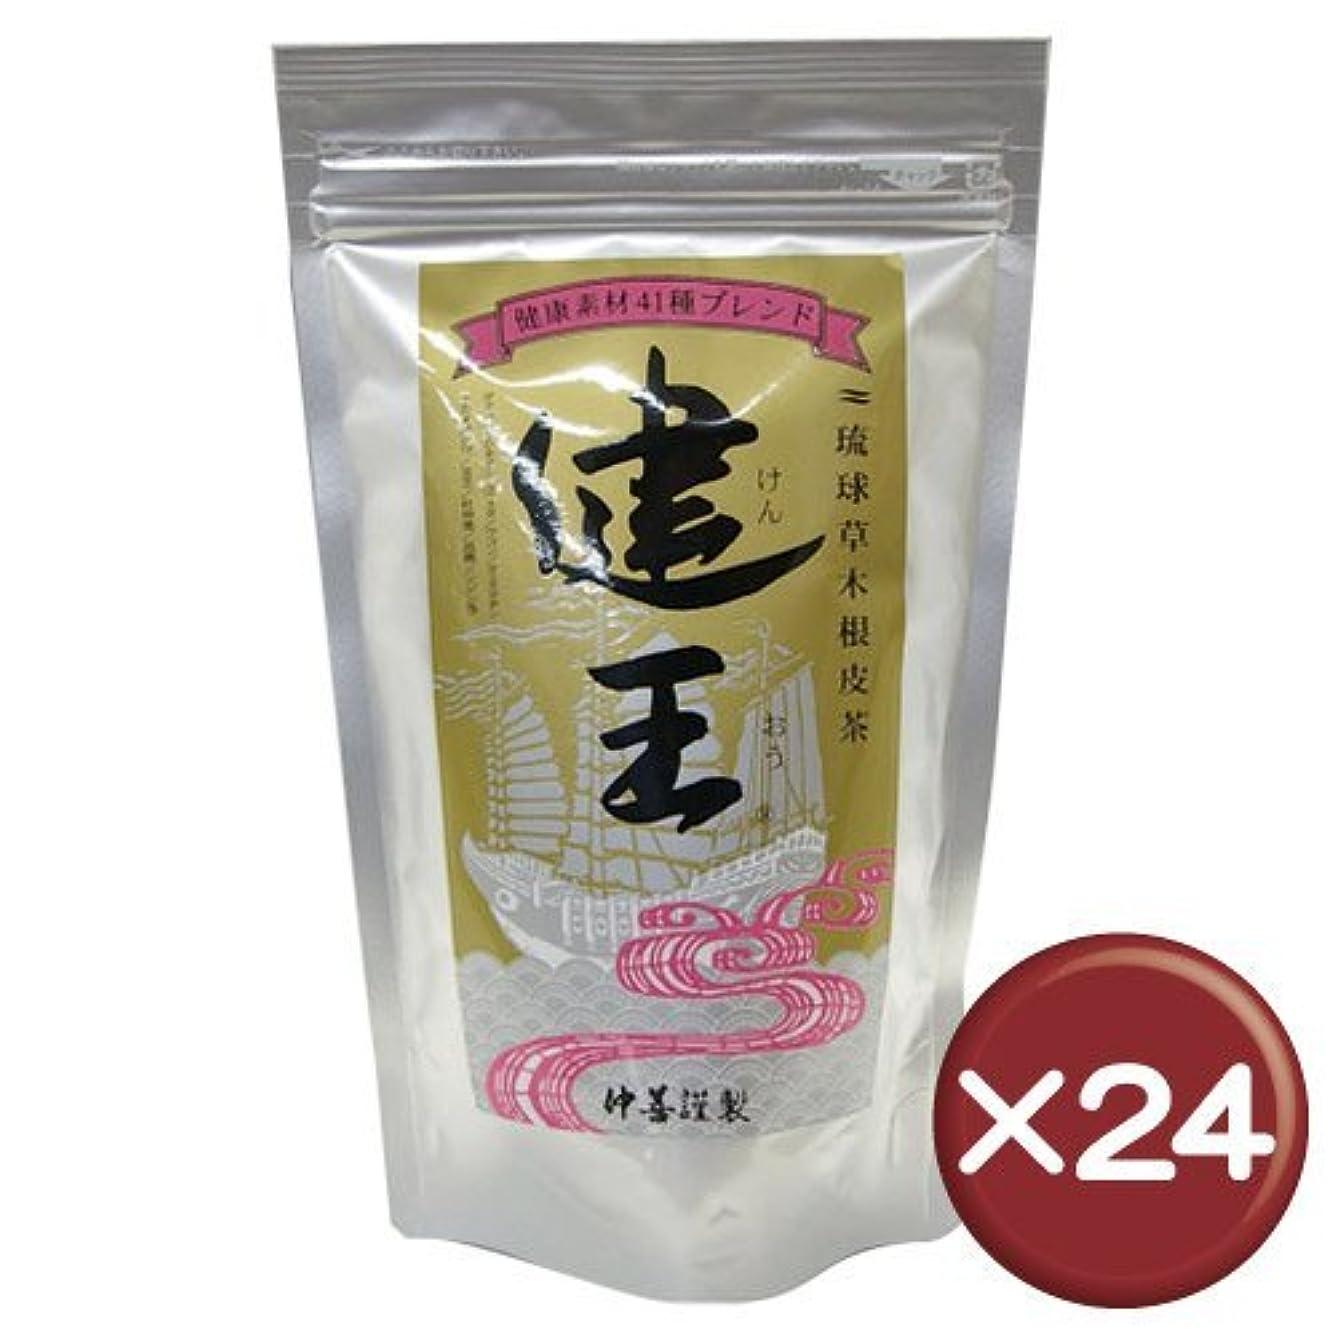 ビタミン辞書矢じり琉球草木根皮茶 健王 ティーバッグ 2g×30包 24袋セット